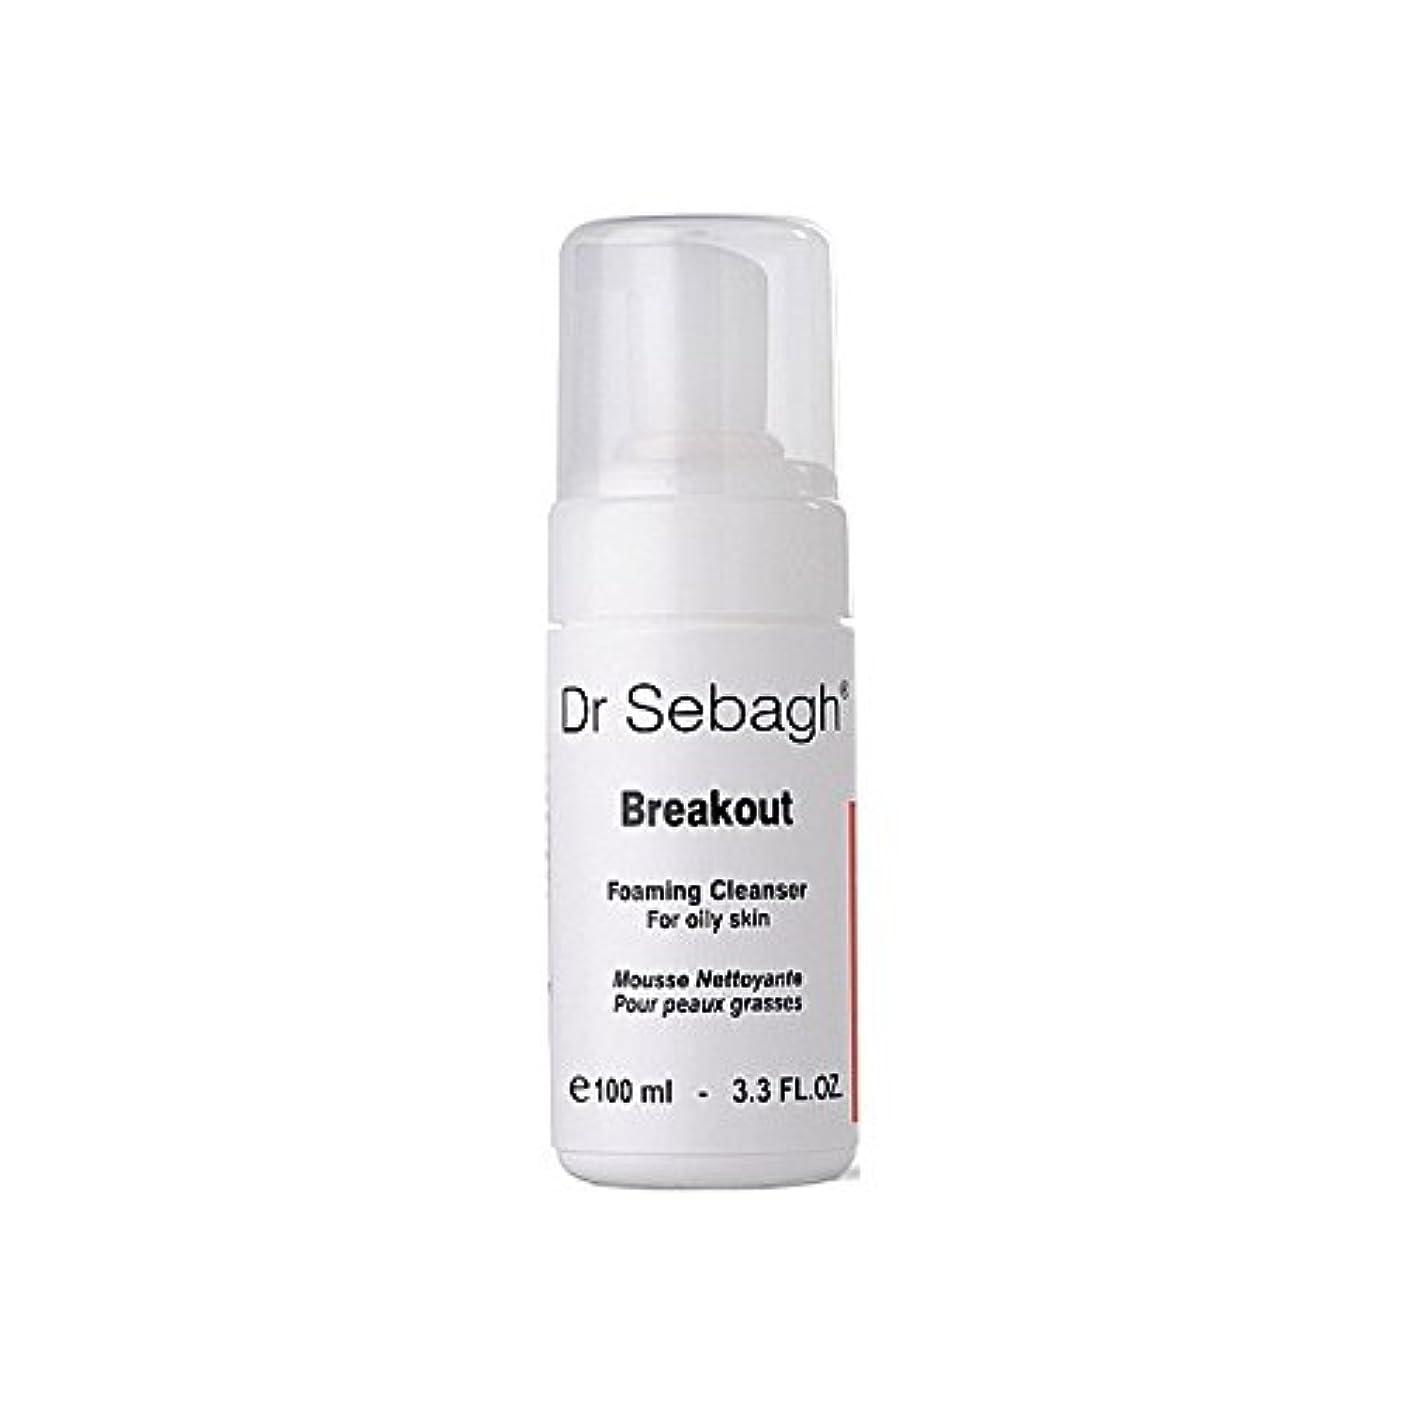 フットボールコーラス修復Dr Sebagh Breakout Foaming Cleanser (Pack of 6) - クレンザーを発泡の のブレイクアウト x6 [並行輸入品]